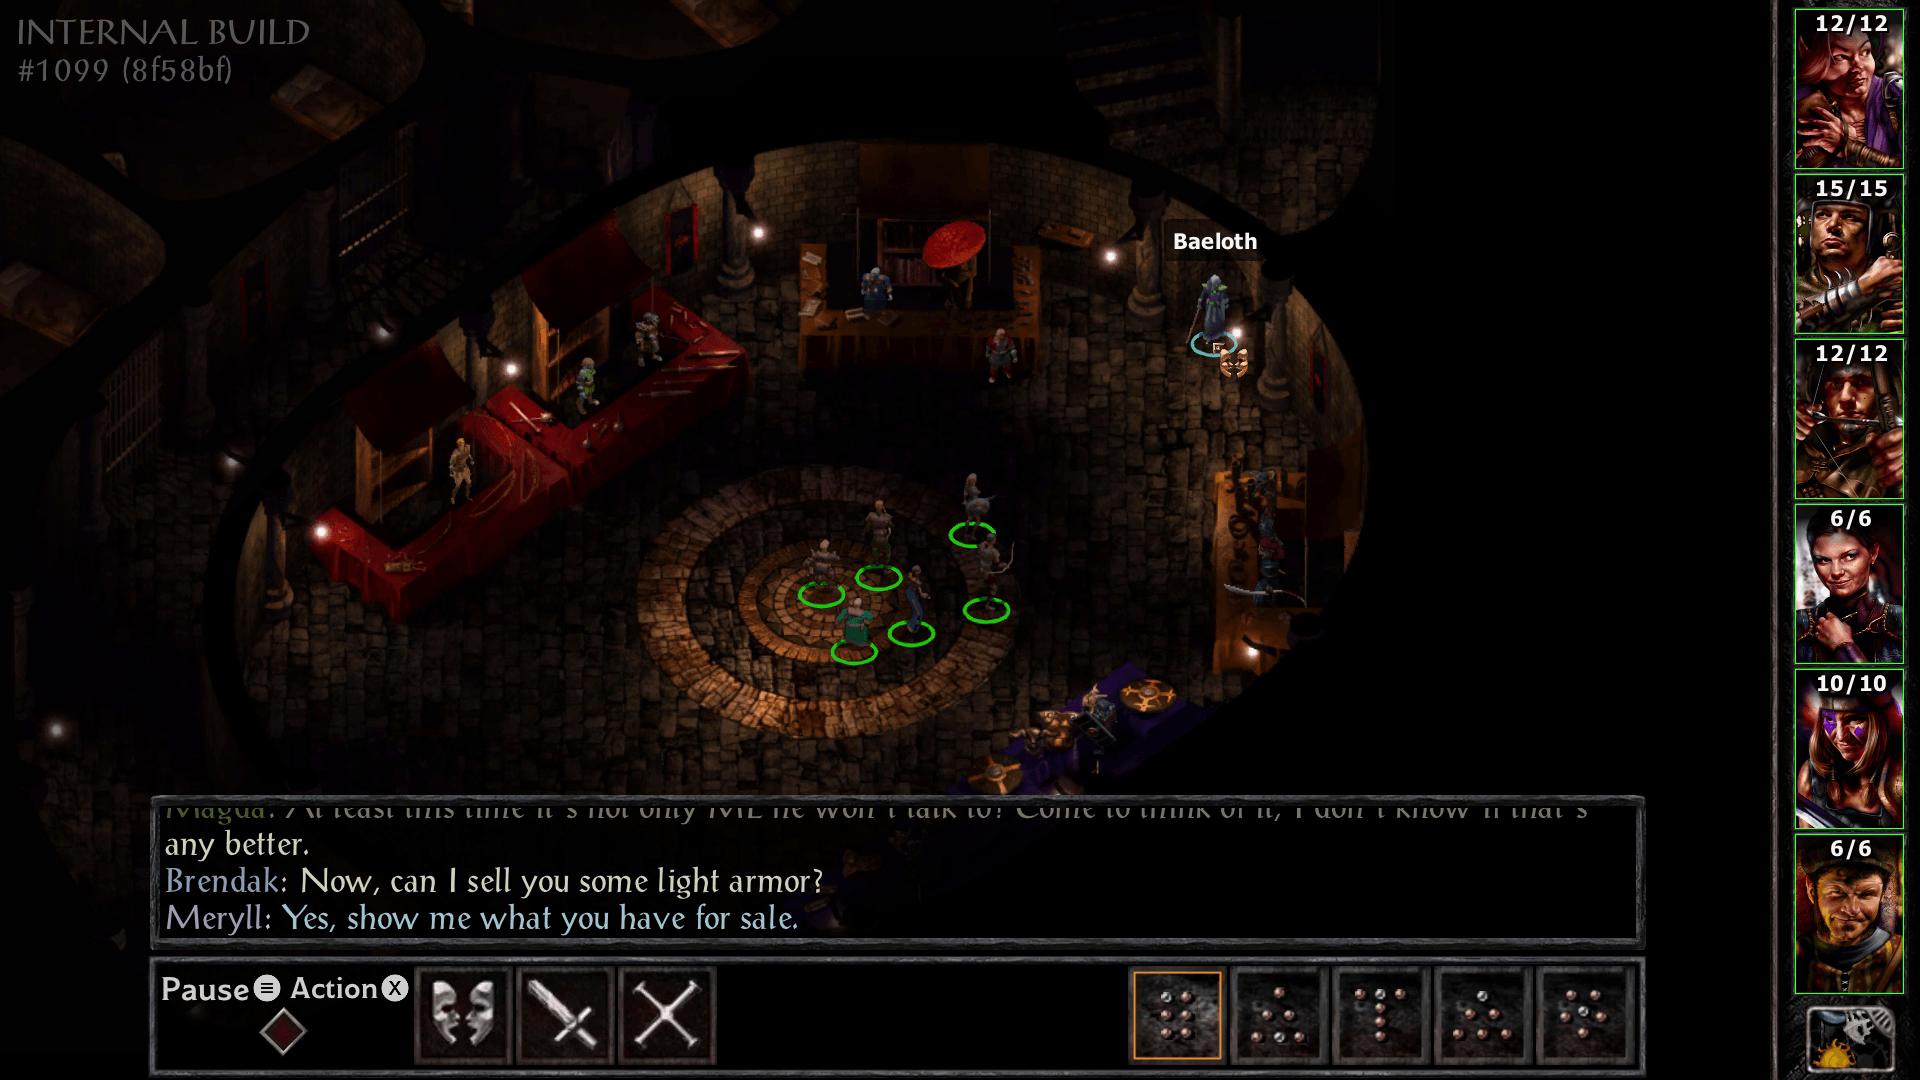 Baldur's Gate demeure un des meilleurs jeux de rôle et son histoire n'a pas pris une ride. Les graphiques par contre, malgré la version rehaussée, montrent sérieusement leur âge.